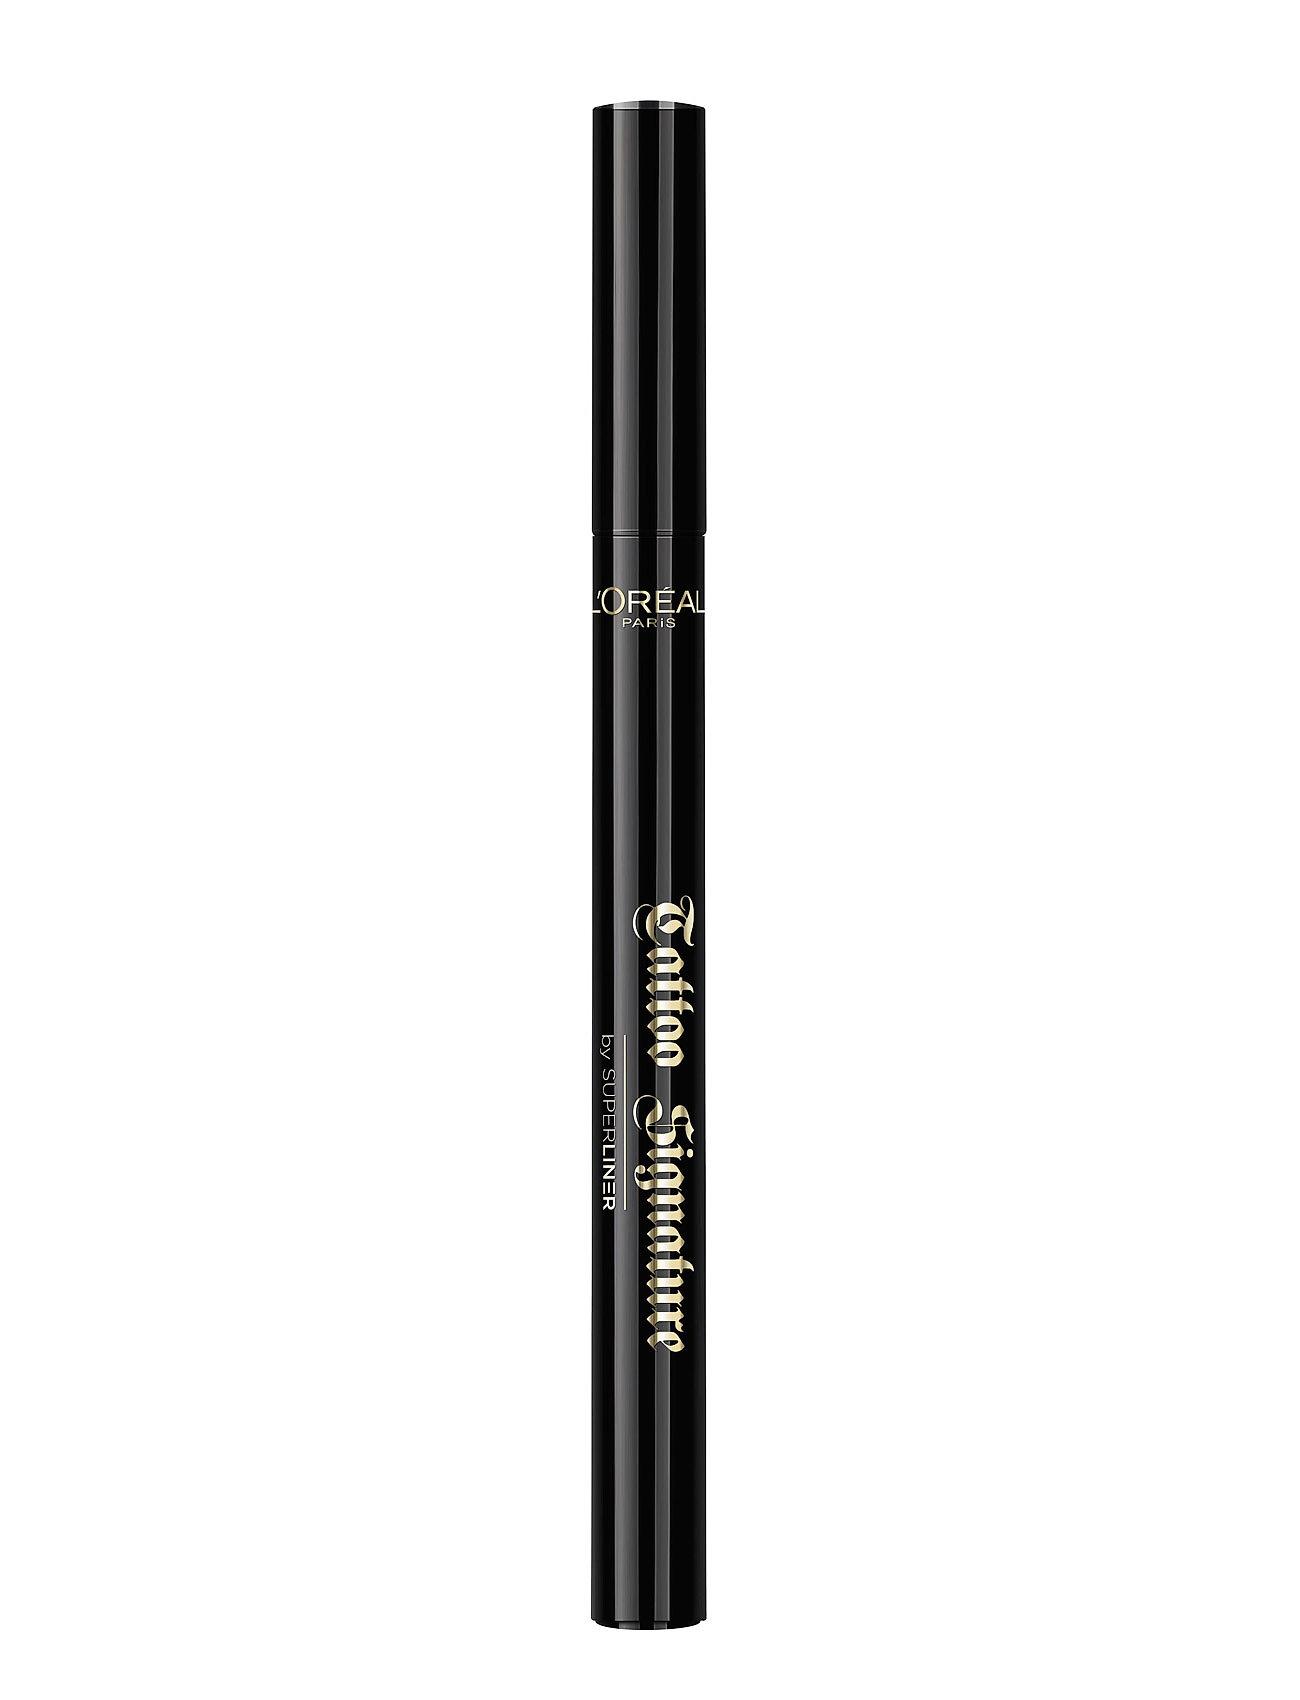 L'Oréal Paris Super Liner Tattoo Signature - EXTRA BLACK